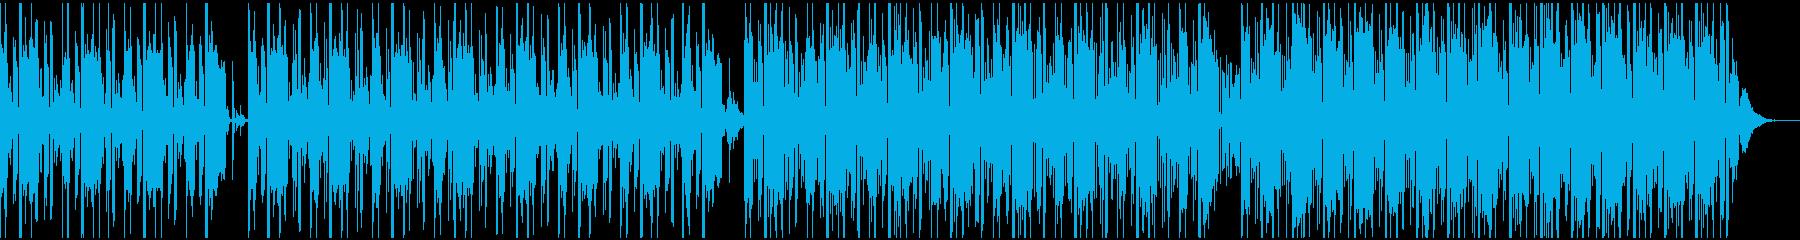 地下実験室な雰囲気エレクトロの再生済みの波形